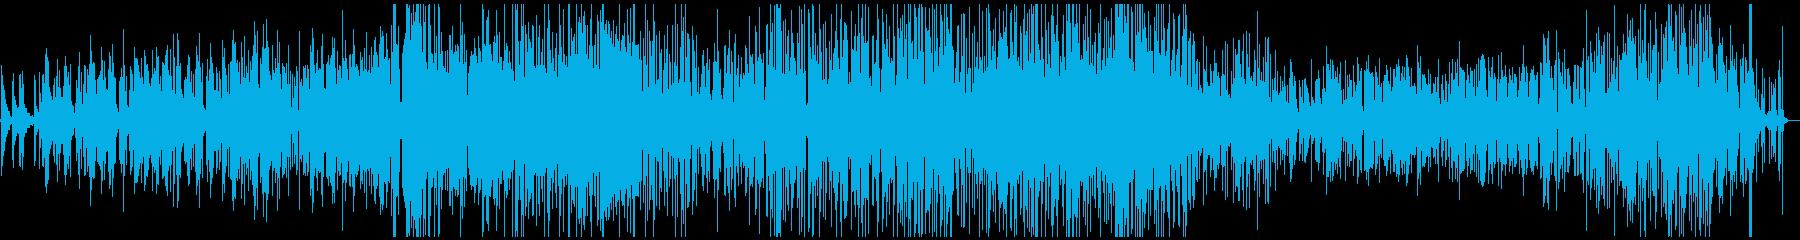 ジャズとファンク。静かなバー、オー...の再生済みの波形